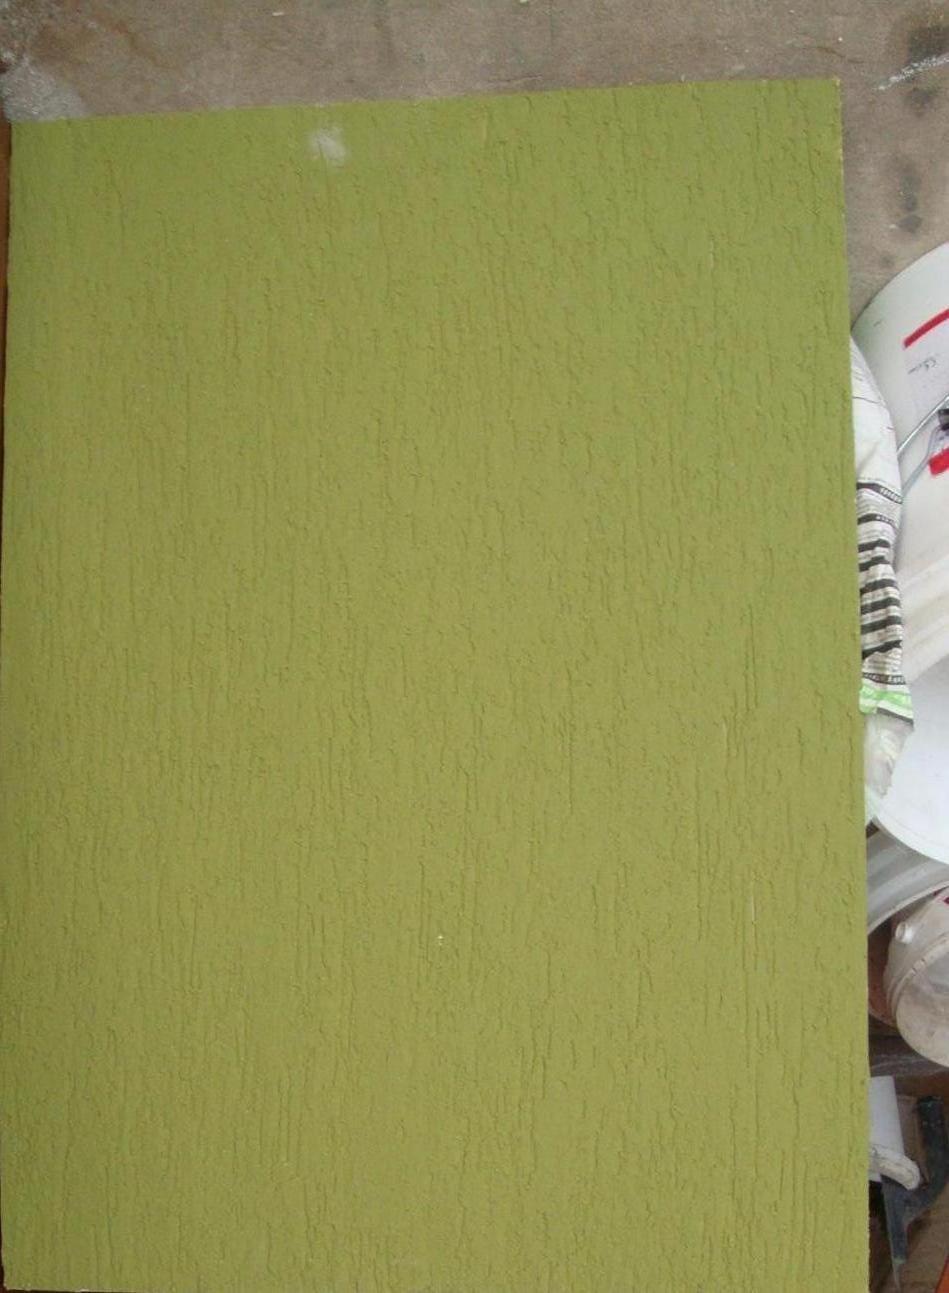 Náš domeček - Fasádní barva objednána,barva oliva